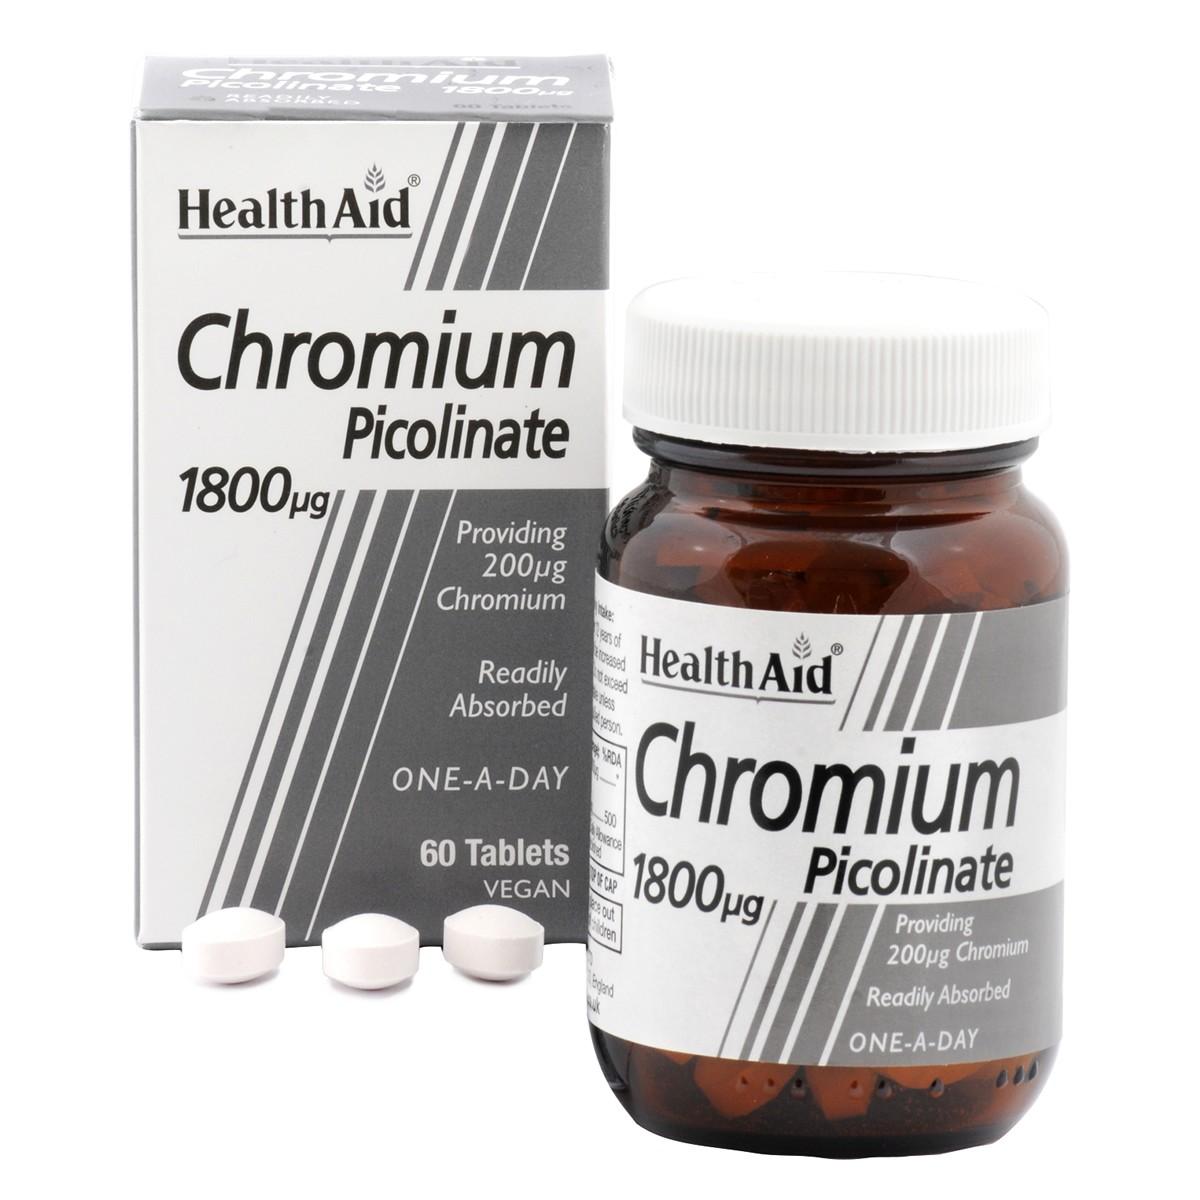 HealthAid Chromium Picolinate 200ug